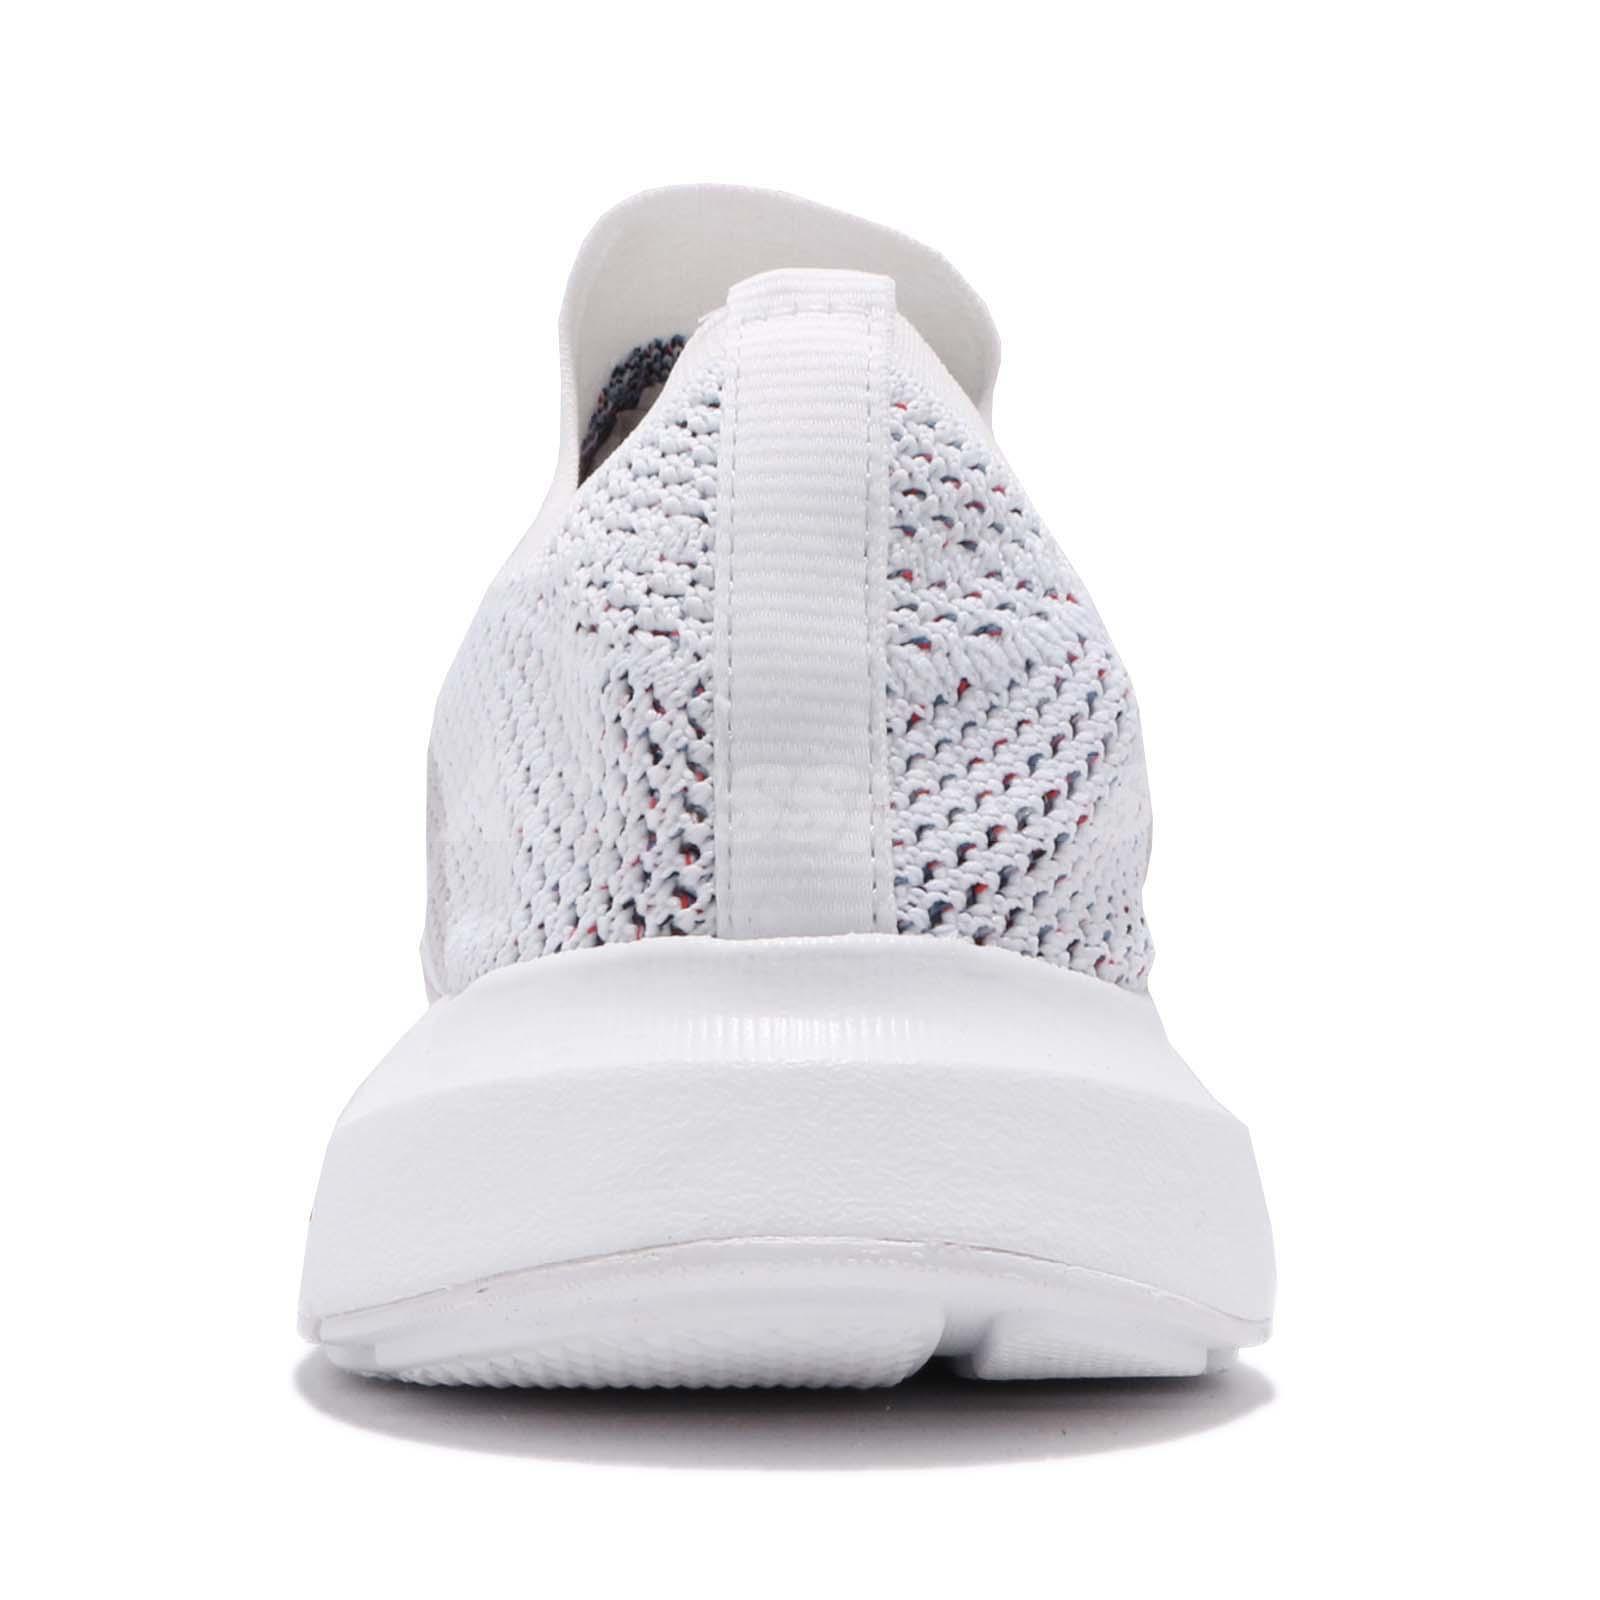 SWIFT RUN PK - Sneaker low - footwear white/grey one/medium grey heather Sie Günstig Online Authentisch Liefern Billige Online Geniue Händler Zum Verkauf Outlet Großer Rabatt koJ9WDaKS